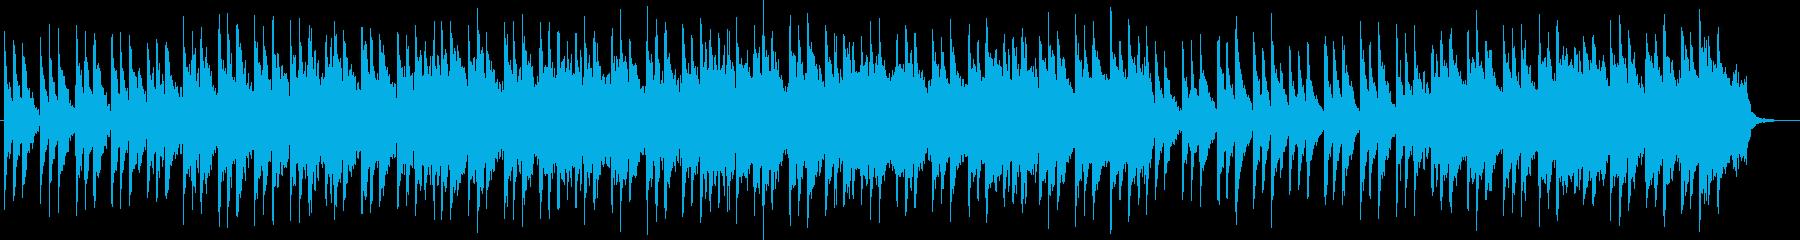 クリスマスイブに響き渡る清らかなベルの音の再生済みの波形